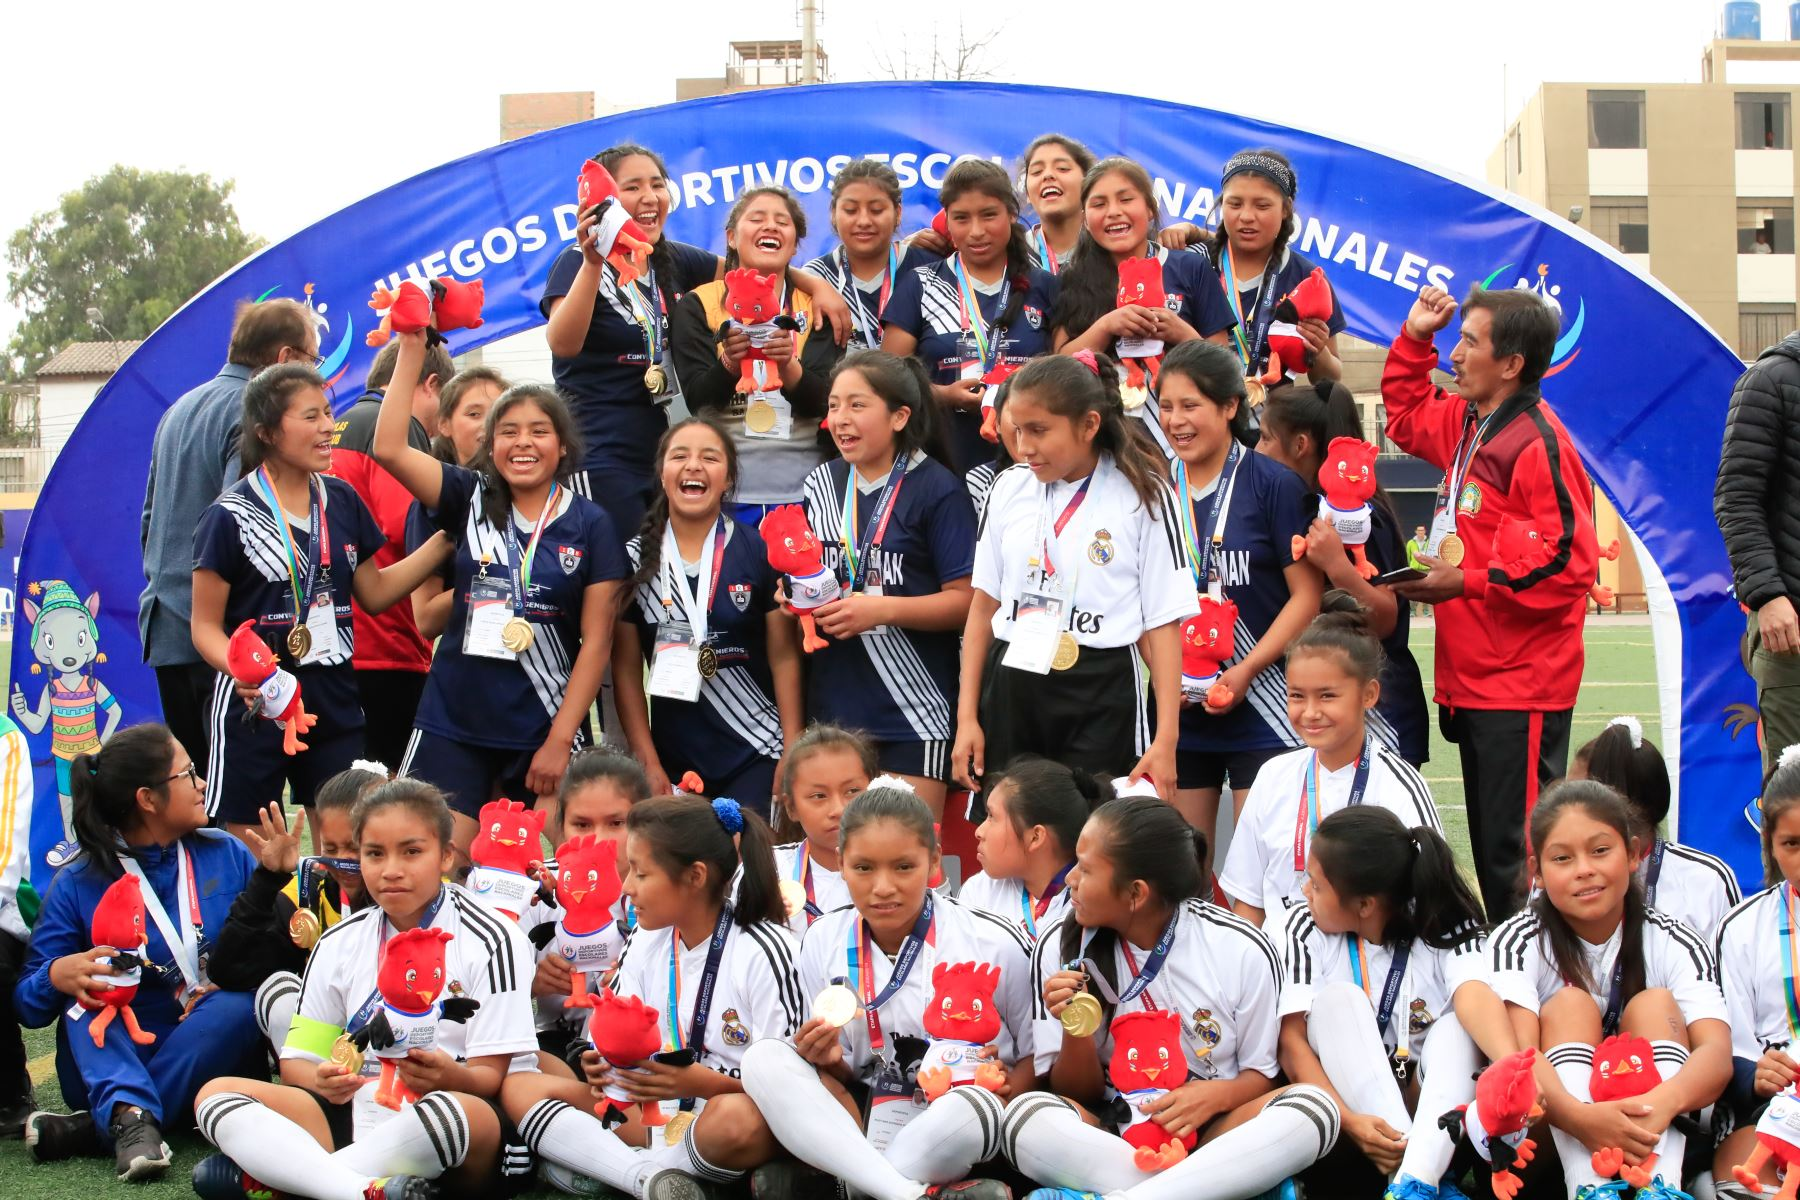 El Presidente de la República Martín Vizcarra premió a las ganadoras del campeonato de fútbol femenino en el marco de los Juegos Deportivos Escolares Nacionales sede Bartolomé Herrera.  Foto: Andina/Juan Carlos Guzmán Negrini